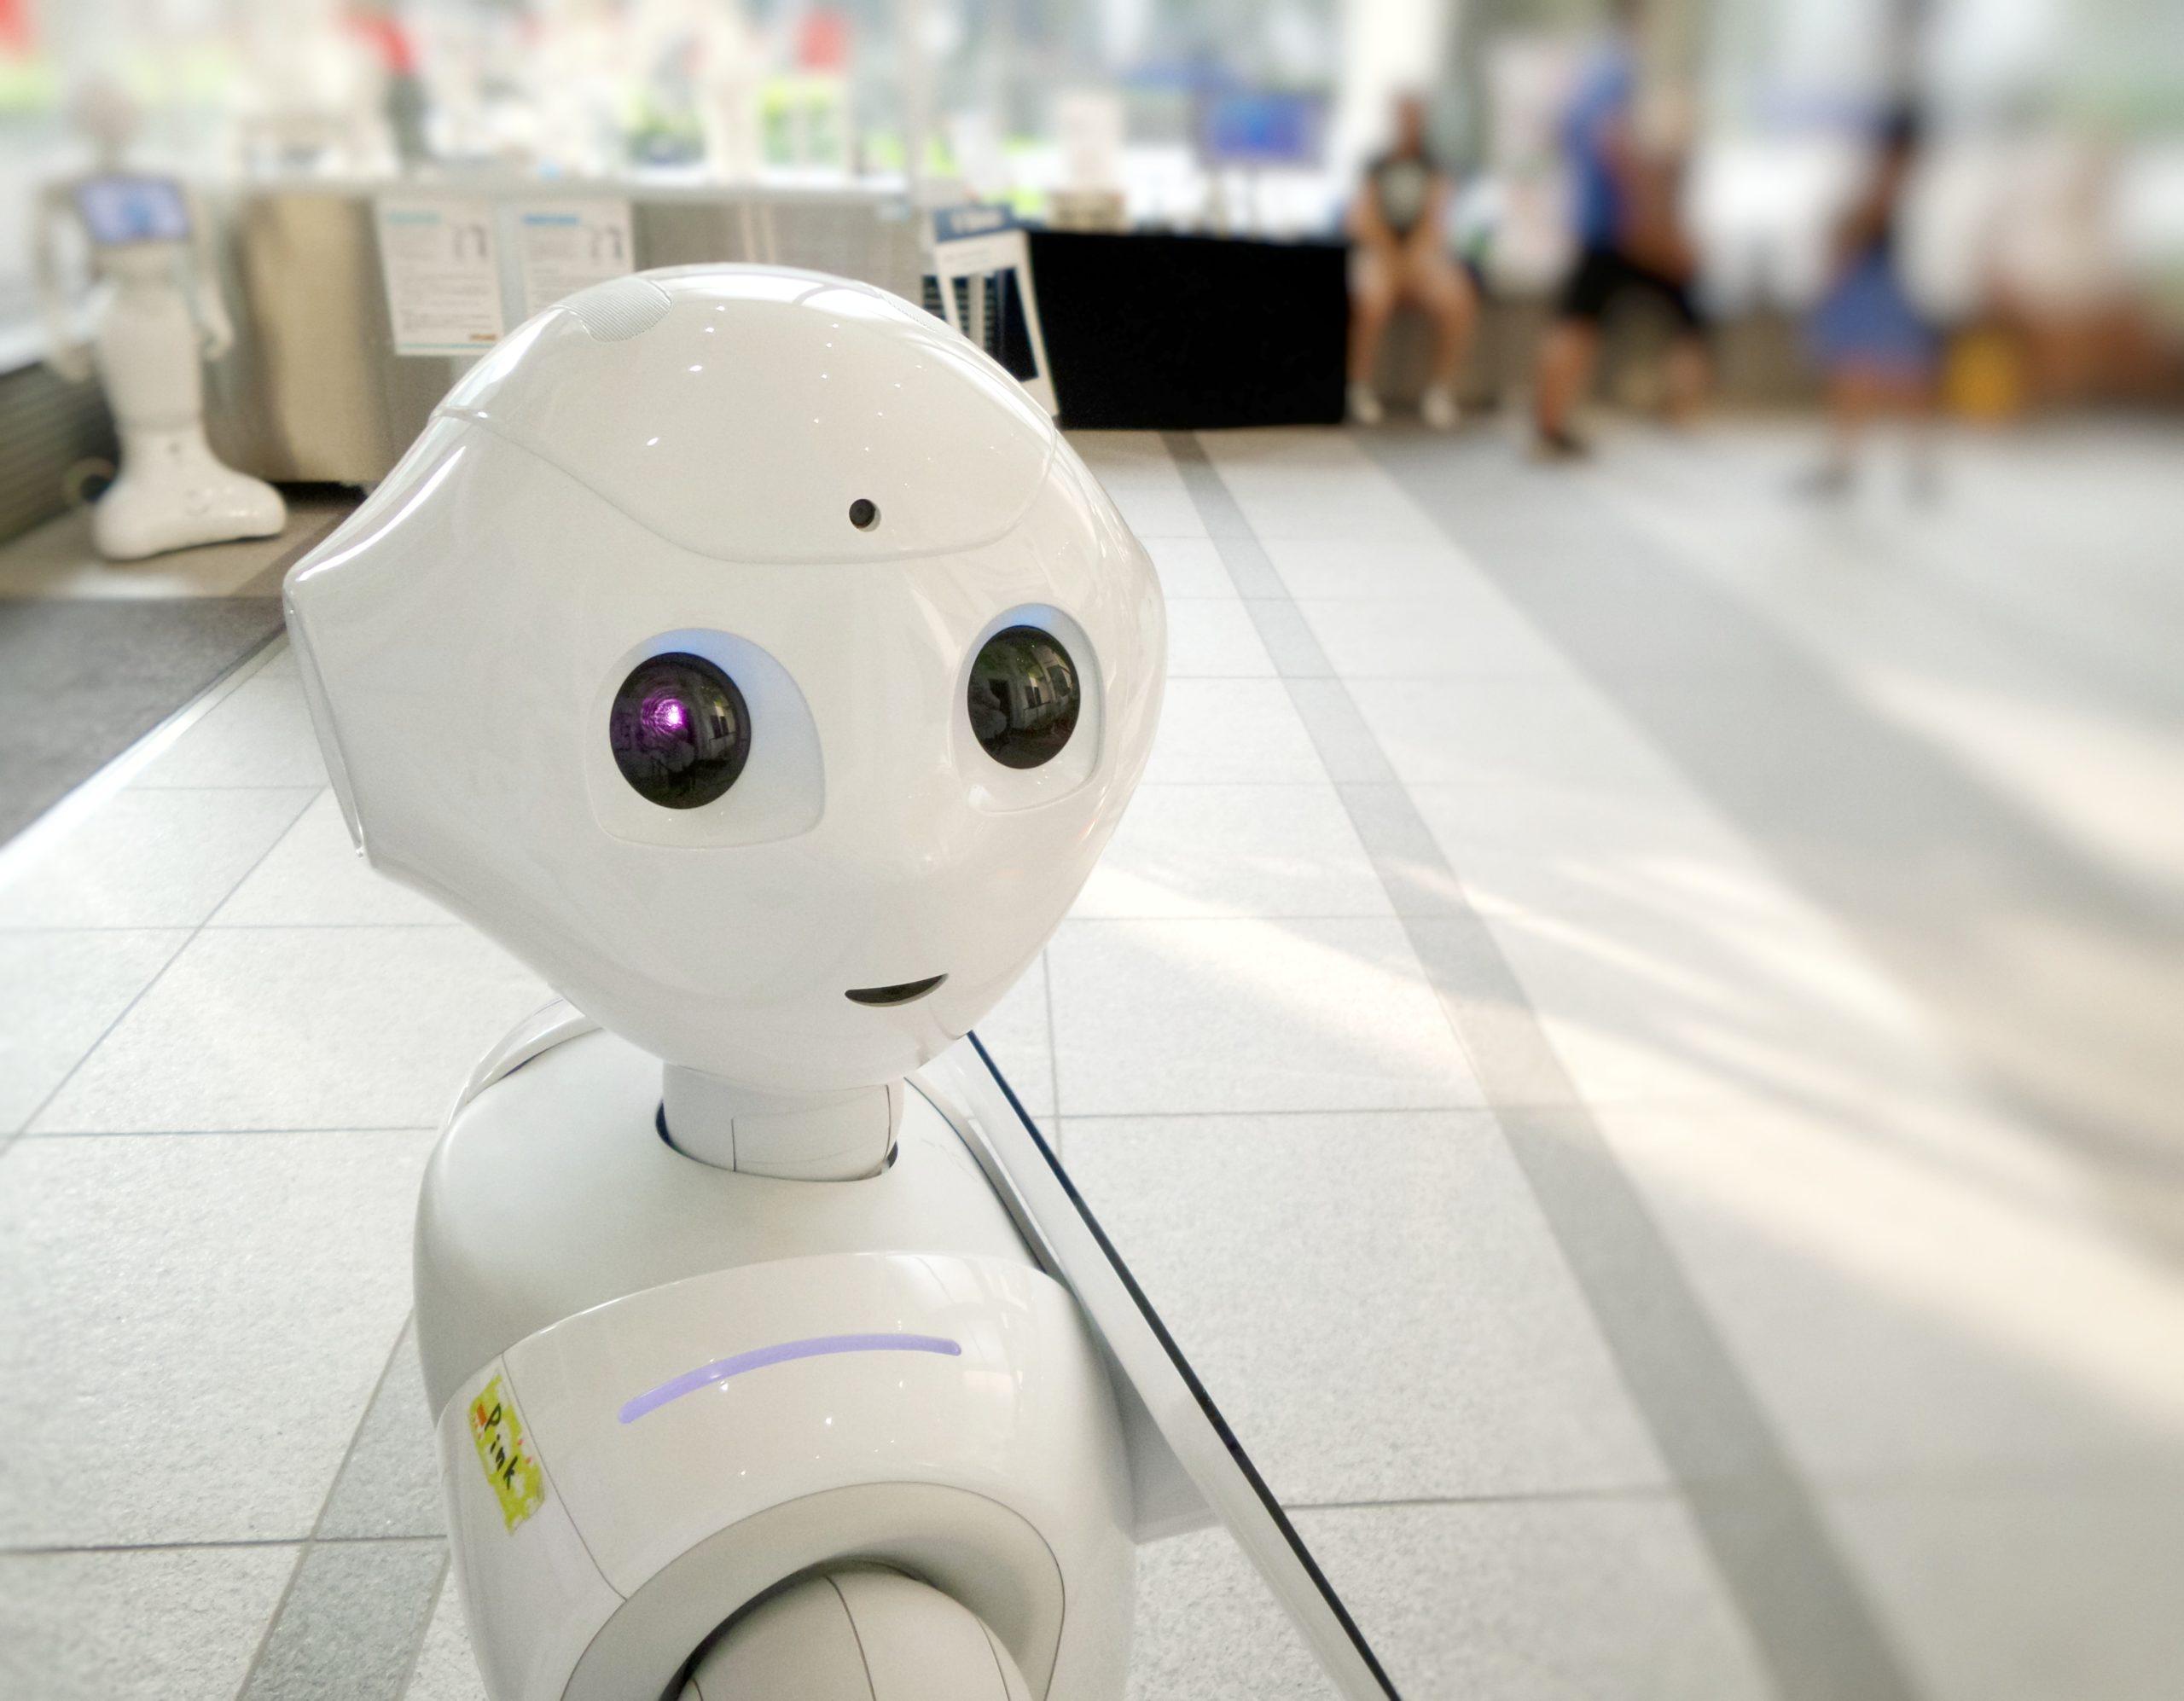 數位時代來臨,科技可以收集到非常多數據,但同時人們也開始擔心AI會取代人力。/圖:Photo by Franck V. on Unsplash